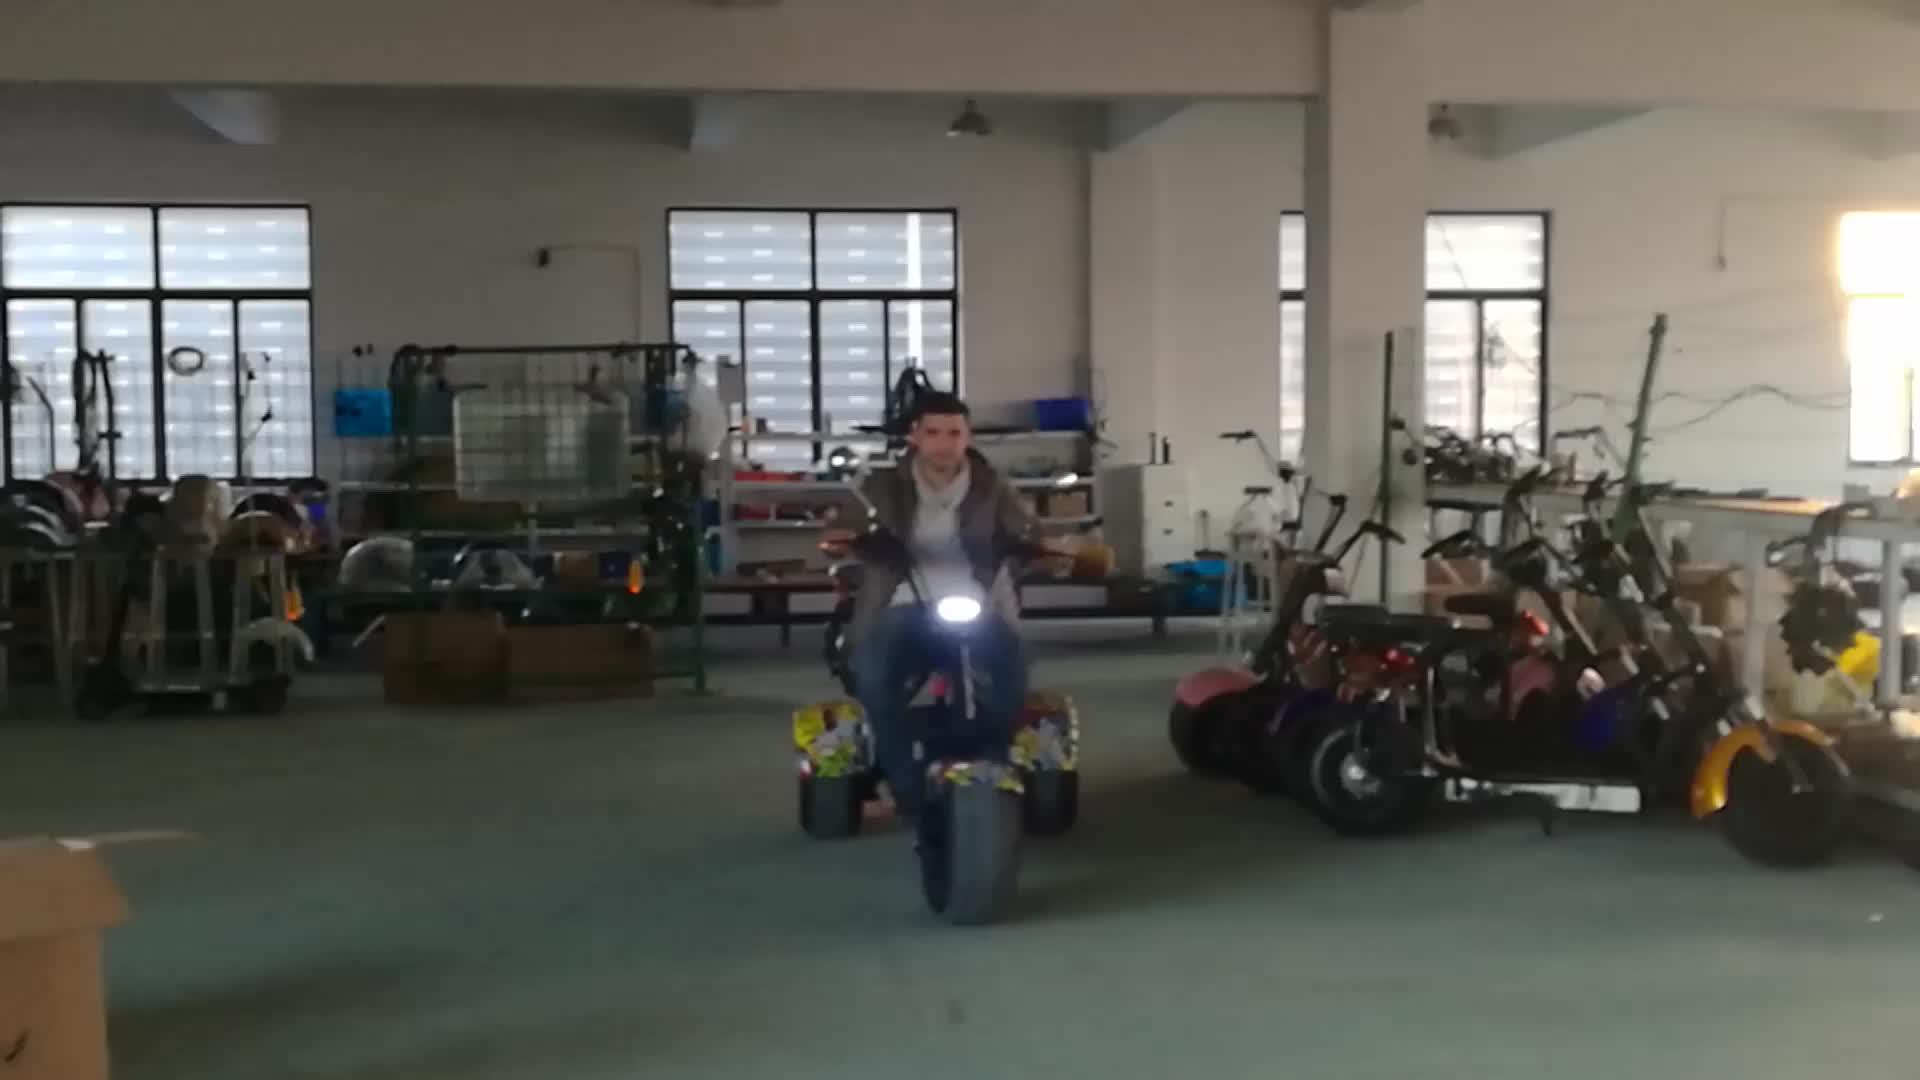 Elétrica 3 roda Scooter Elétrico cidade coco 800 w 1000 w seev citycoco 2000 w scooter elétrico com gordura de pneus de bicicleta